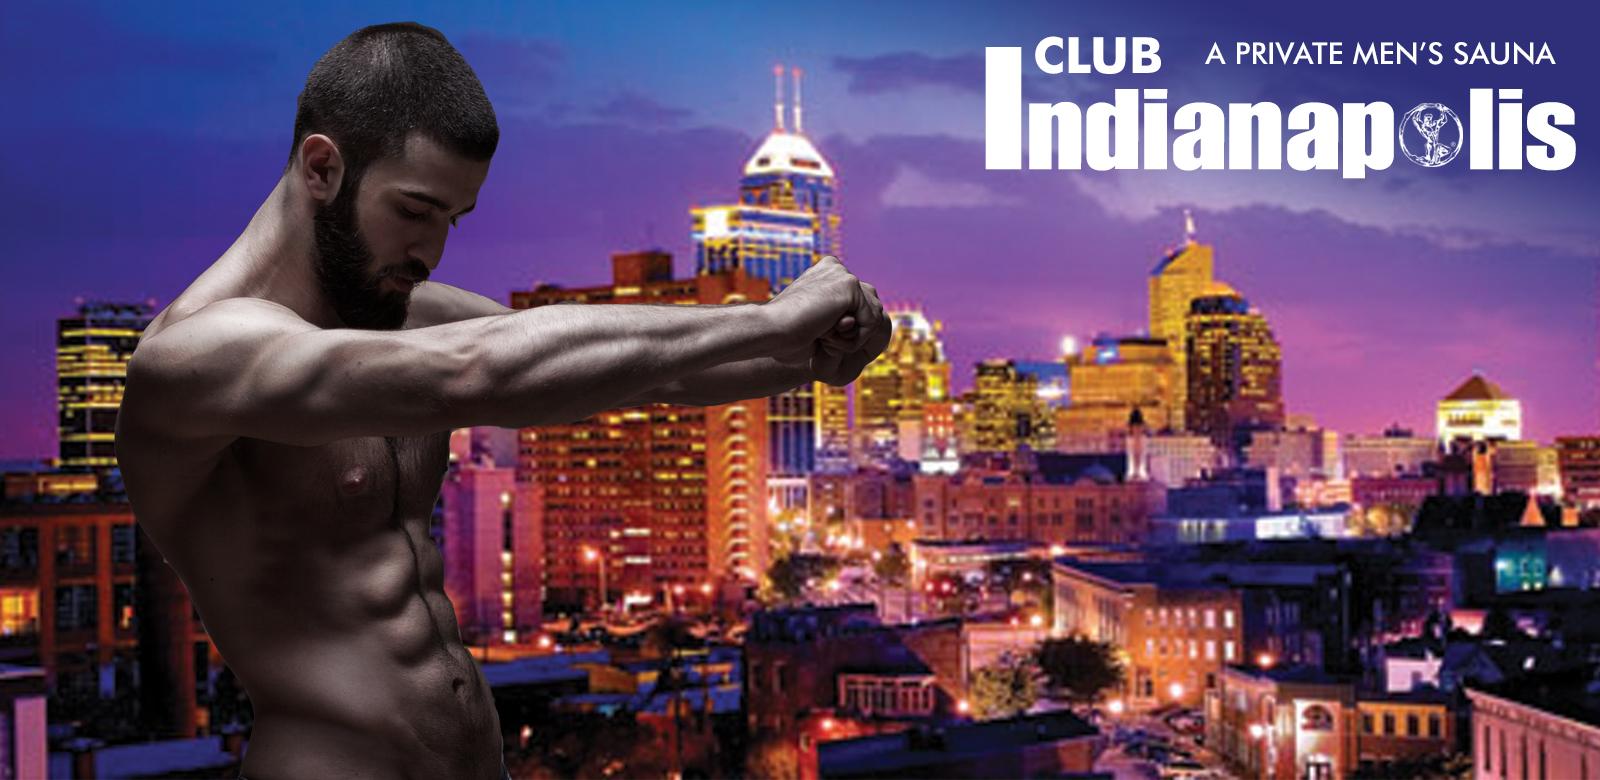 Club Saunas - Club Indianapolis - Private Men's Club